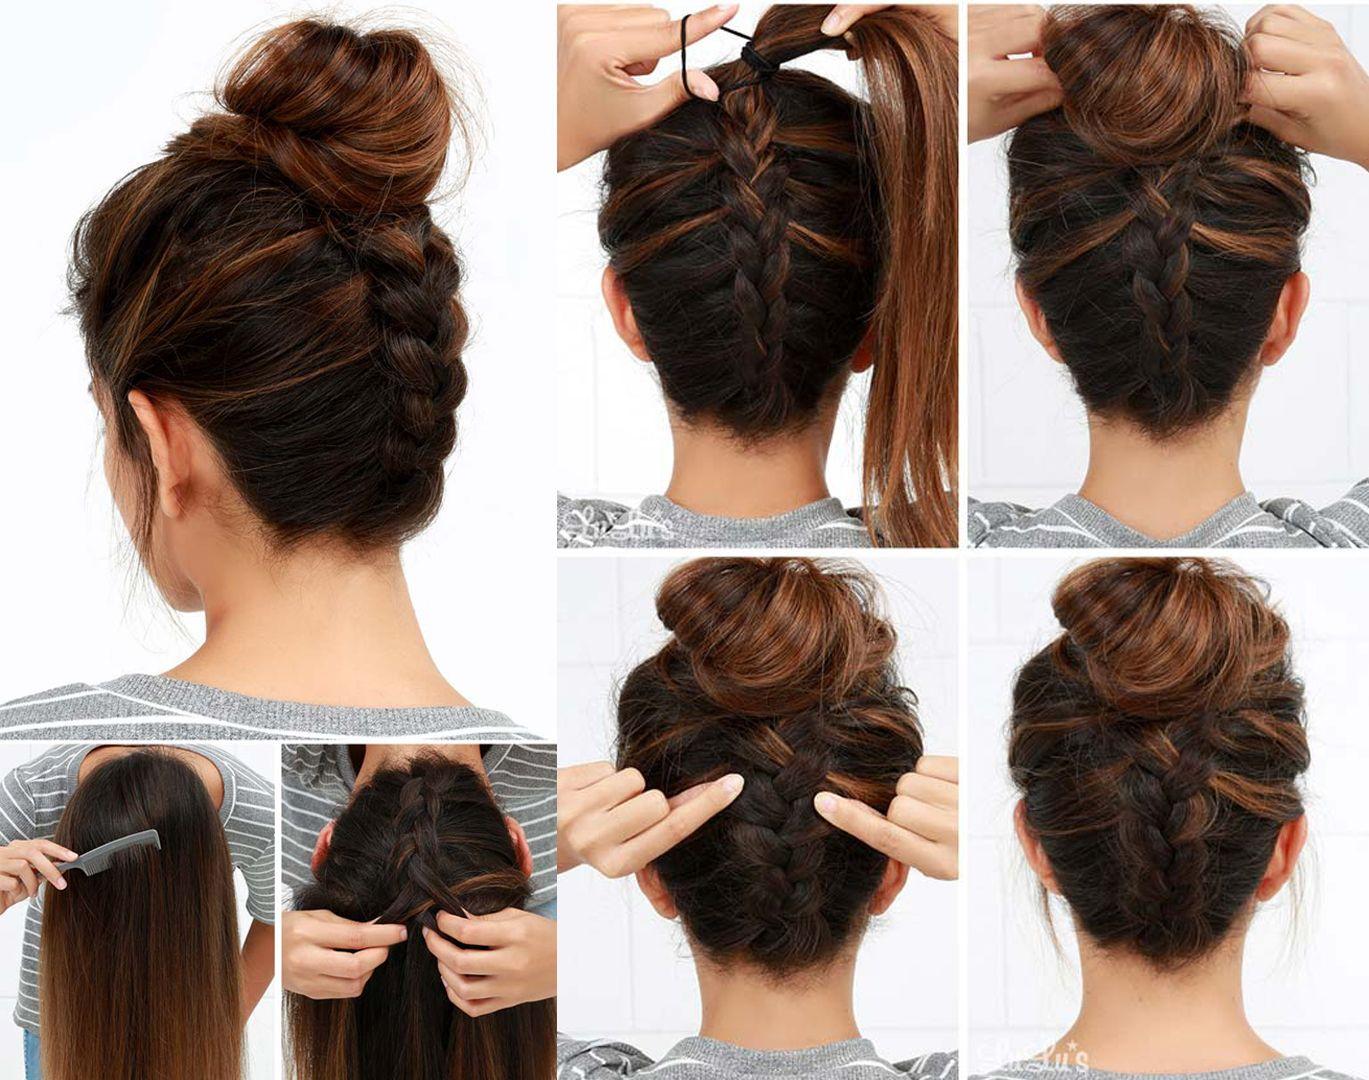 21 Peinados bonitos recogidos